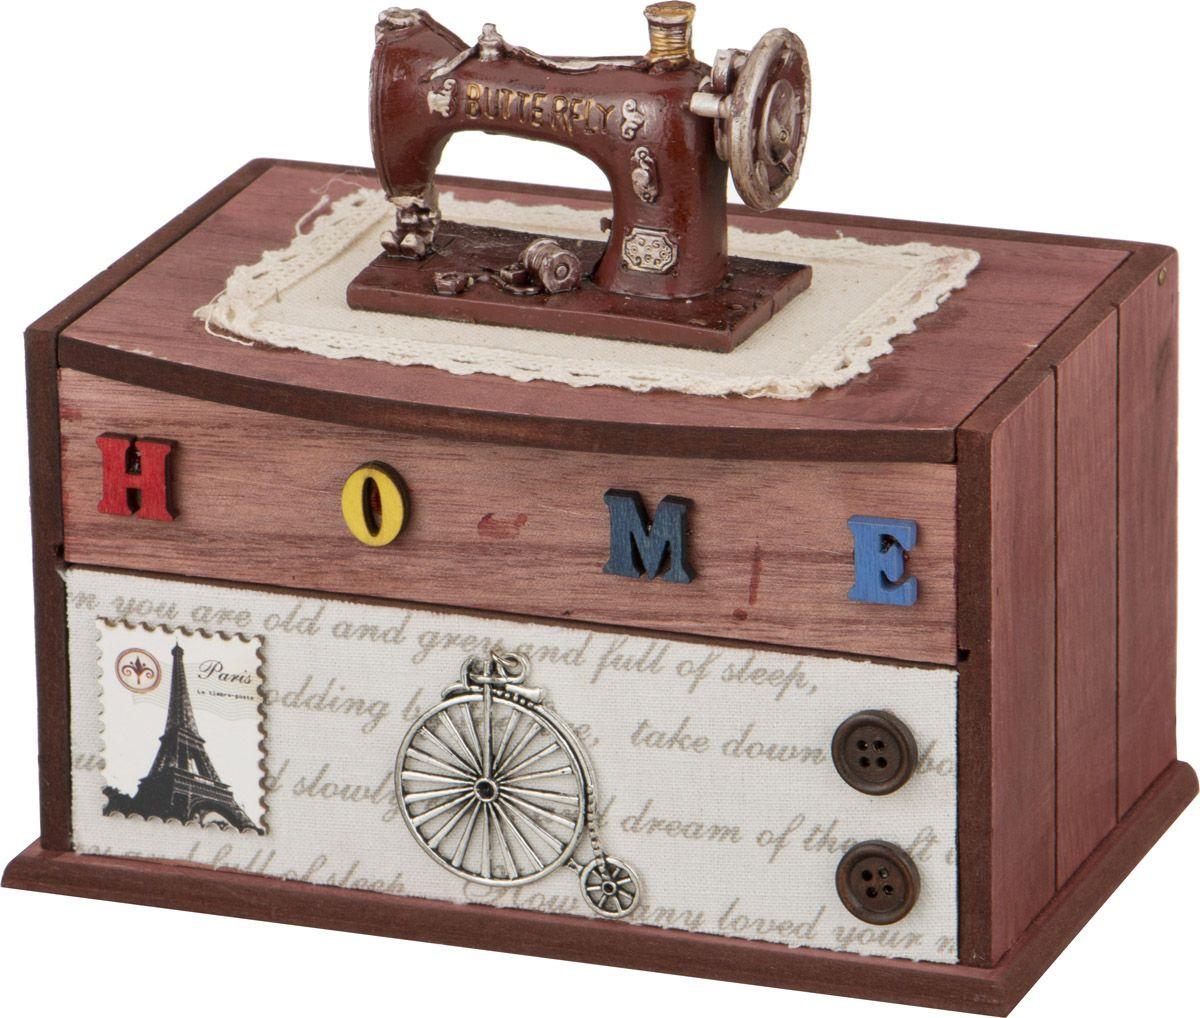 Фото - Шкатулка для рукоделия Lefard, 222-085, 18 х 16 х 12,5 см шкатулка с фоторамкой lefard happy kid 222 711